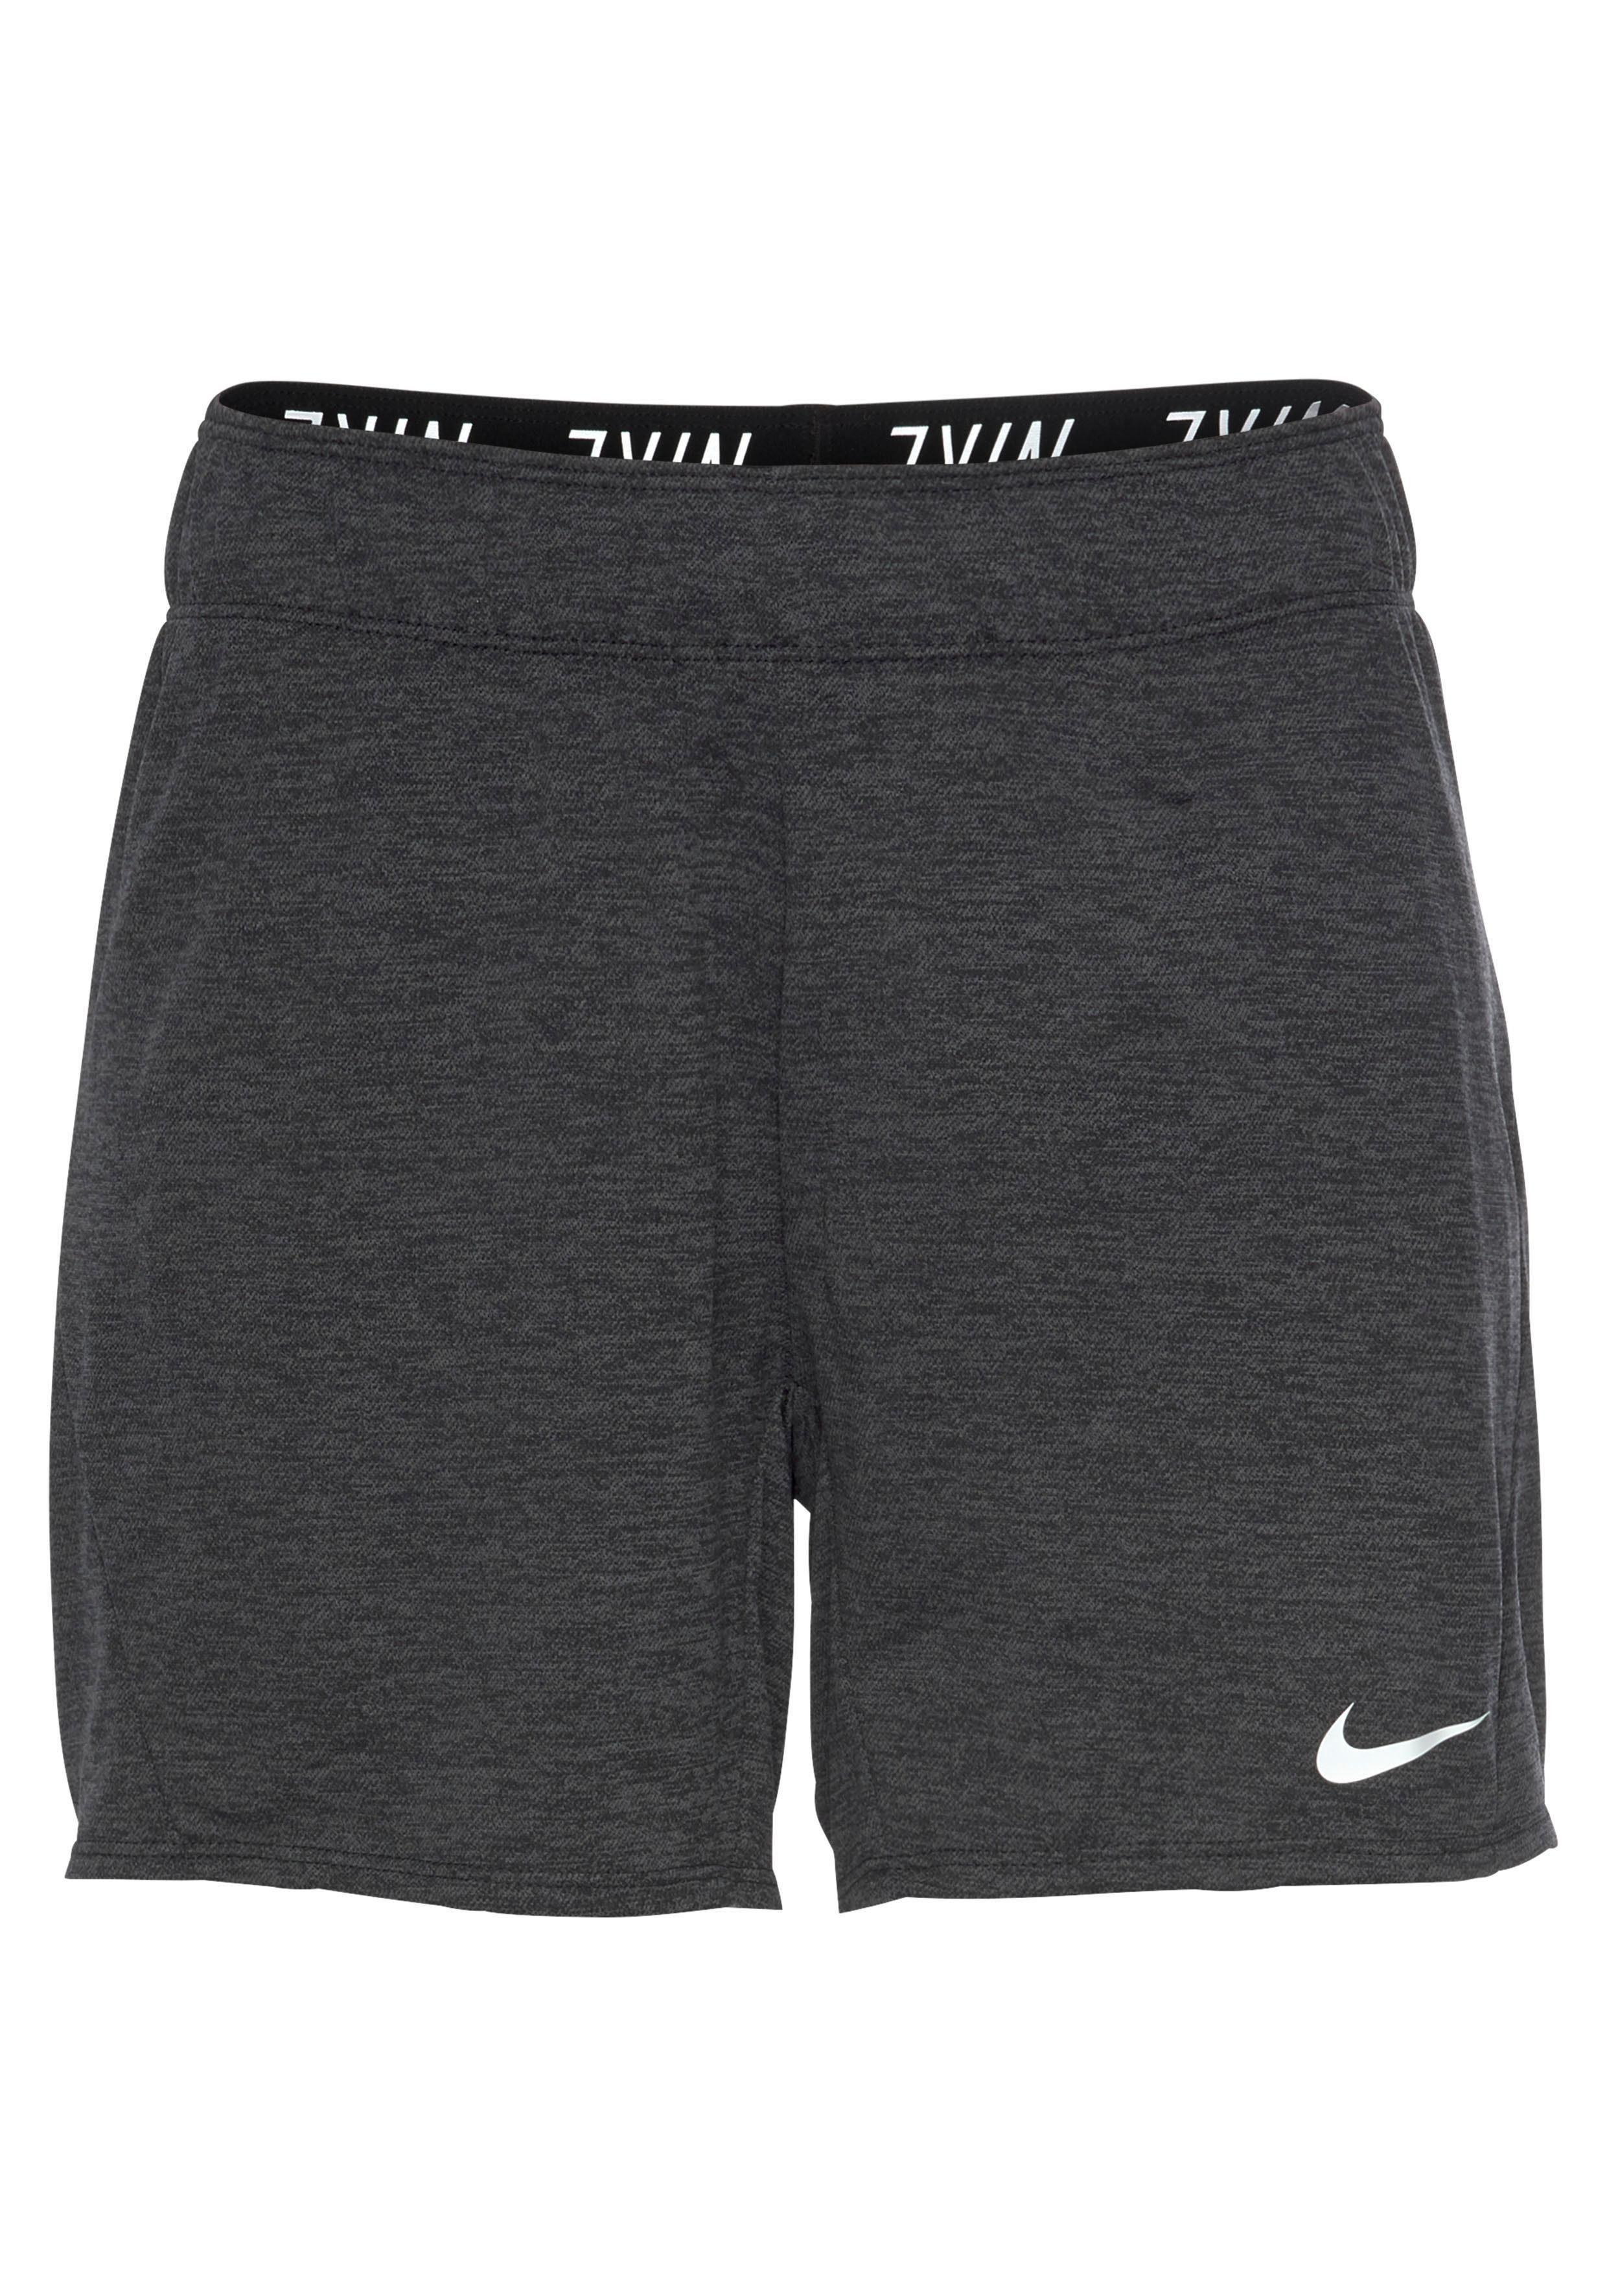 Shorts« Training Nike »women's Online Elastischer Logoschriftzügen Bund Trainingsshorts Dry Mit Kaufen Y6gyvImbf7